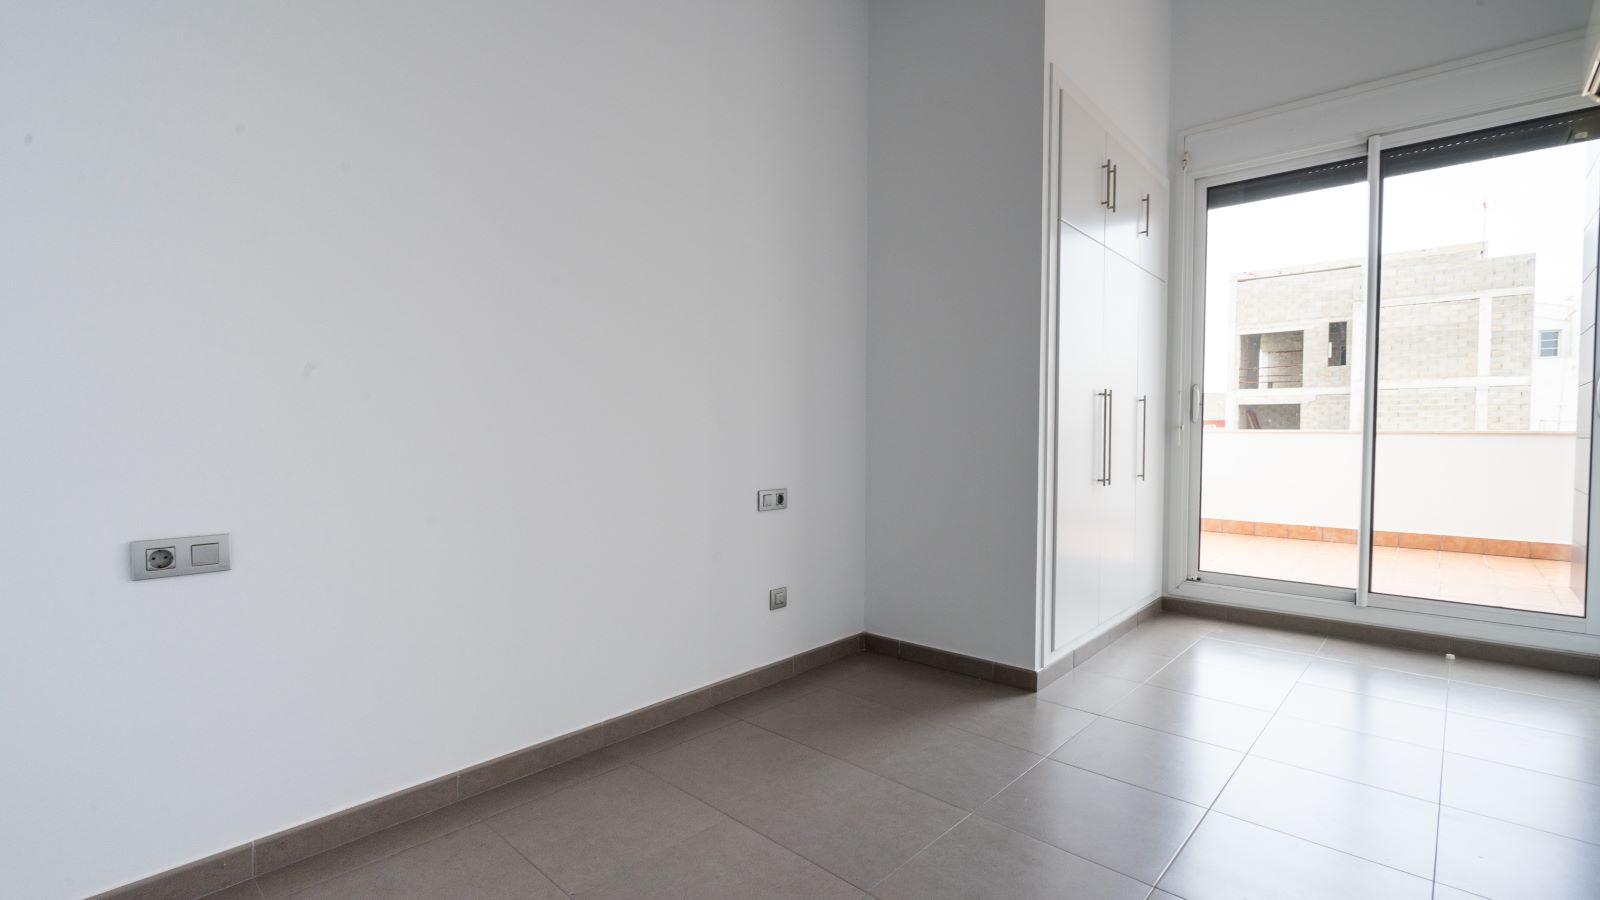 Flat in Es Castell Ref: V2138 (15) 5